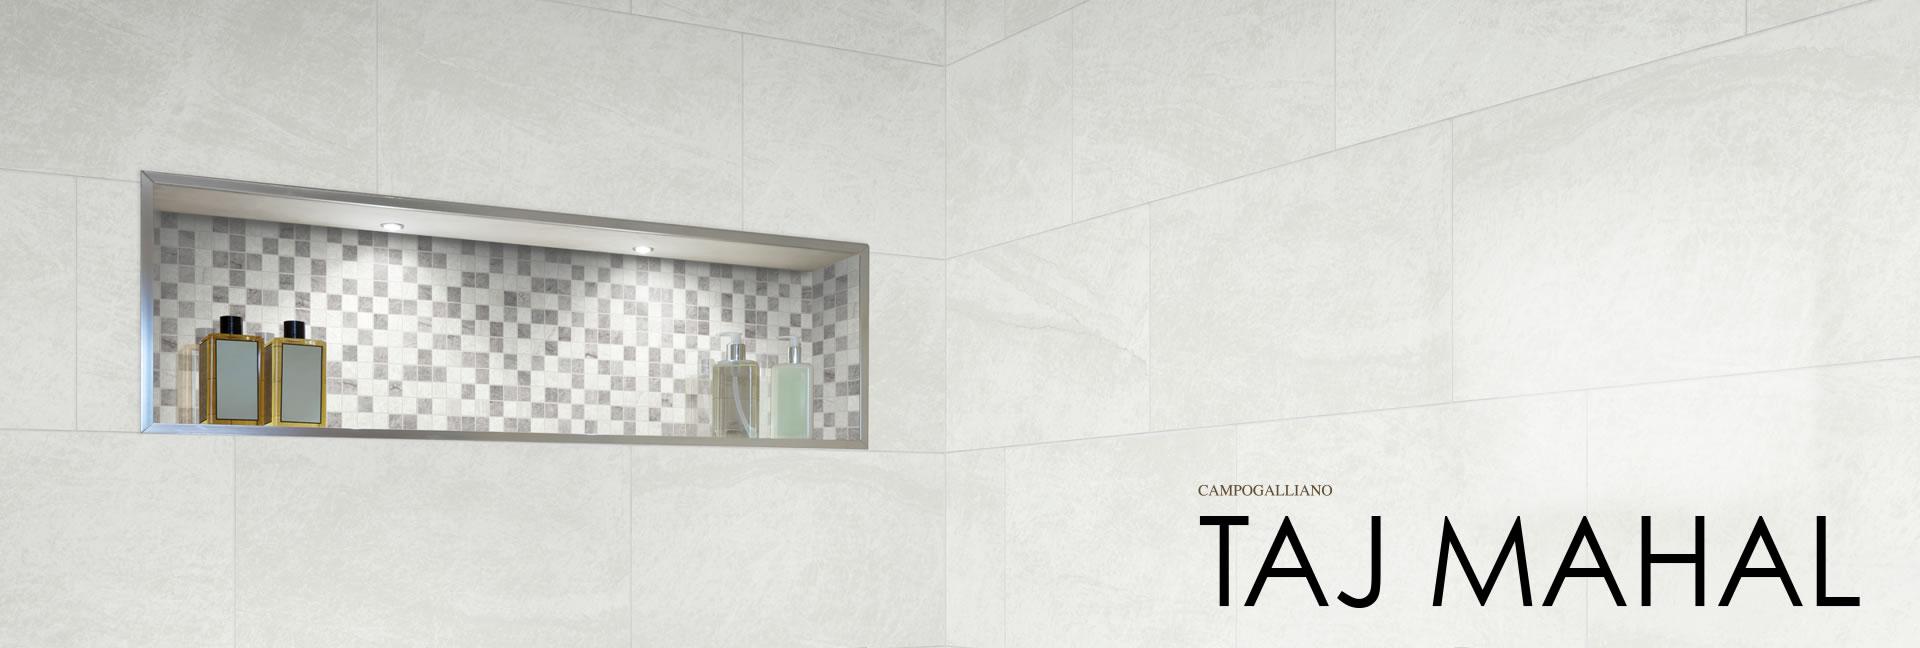 Campogalliano Taj Mahal - Porcelain Tile